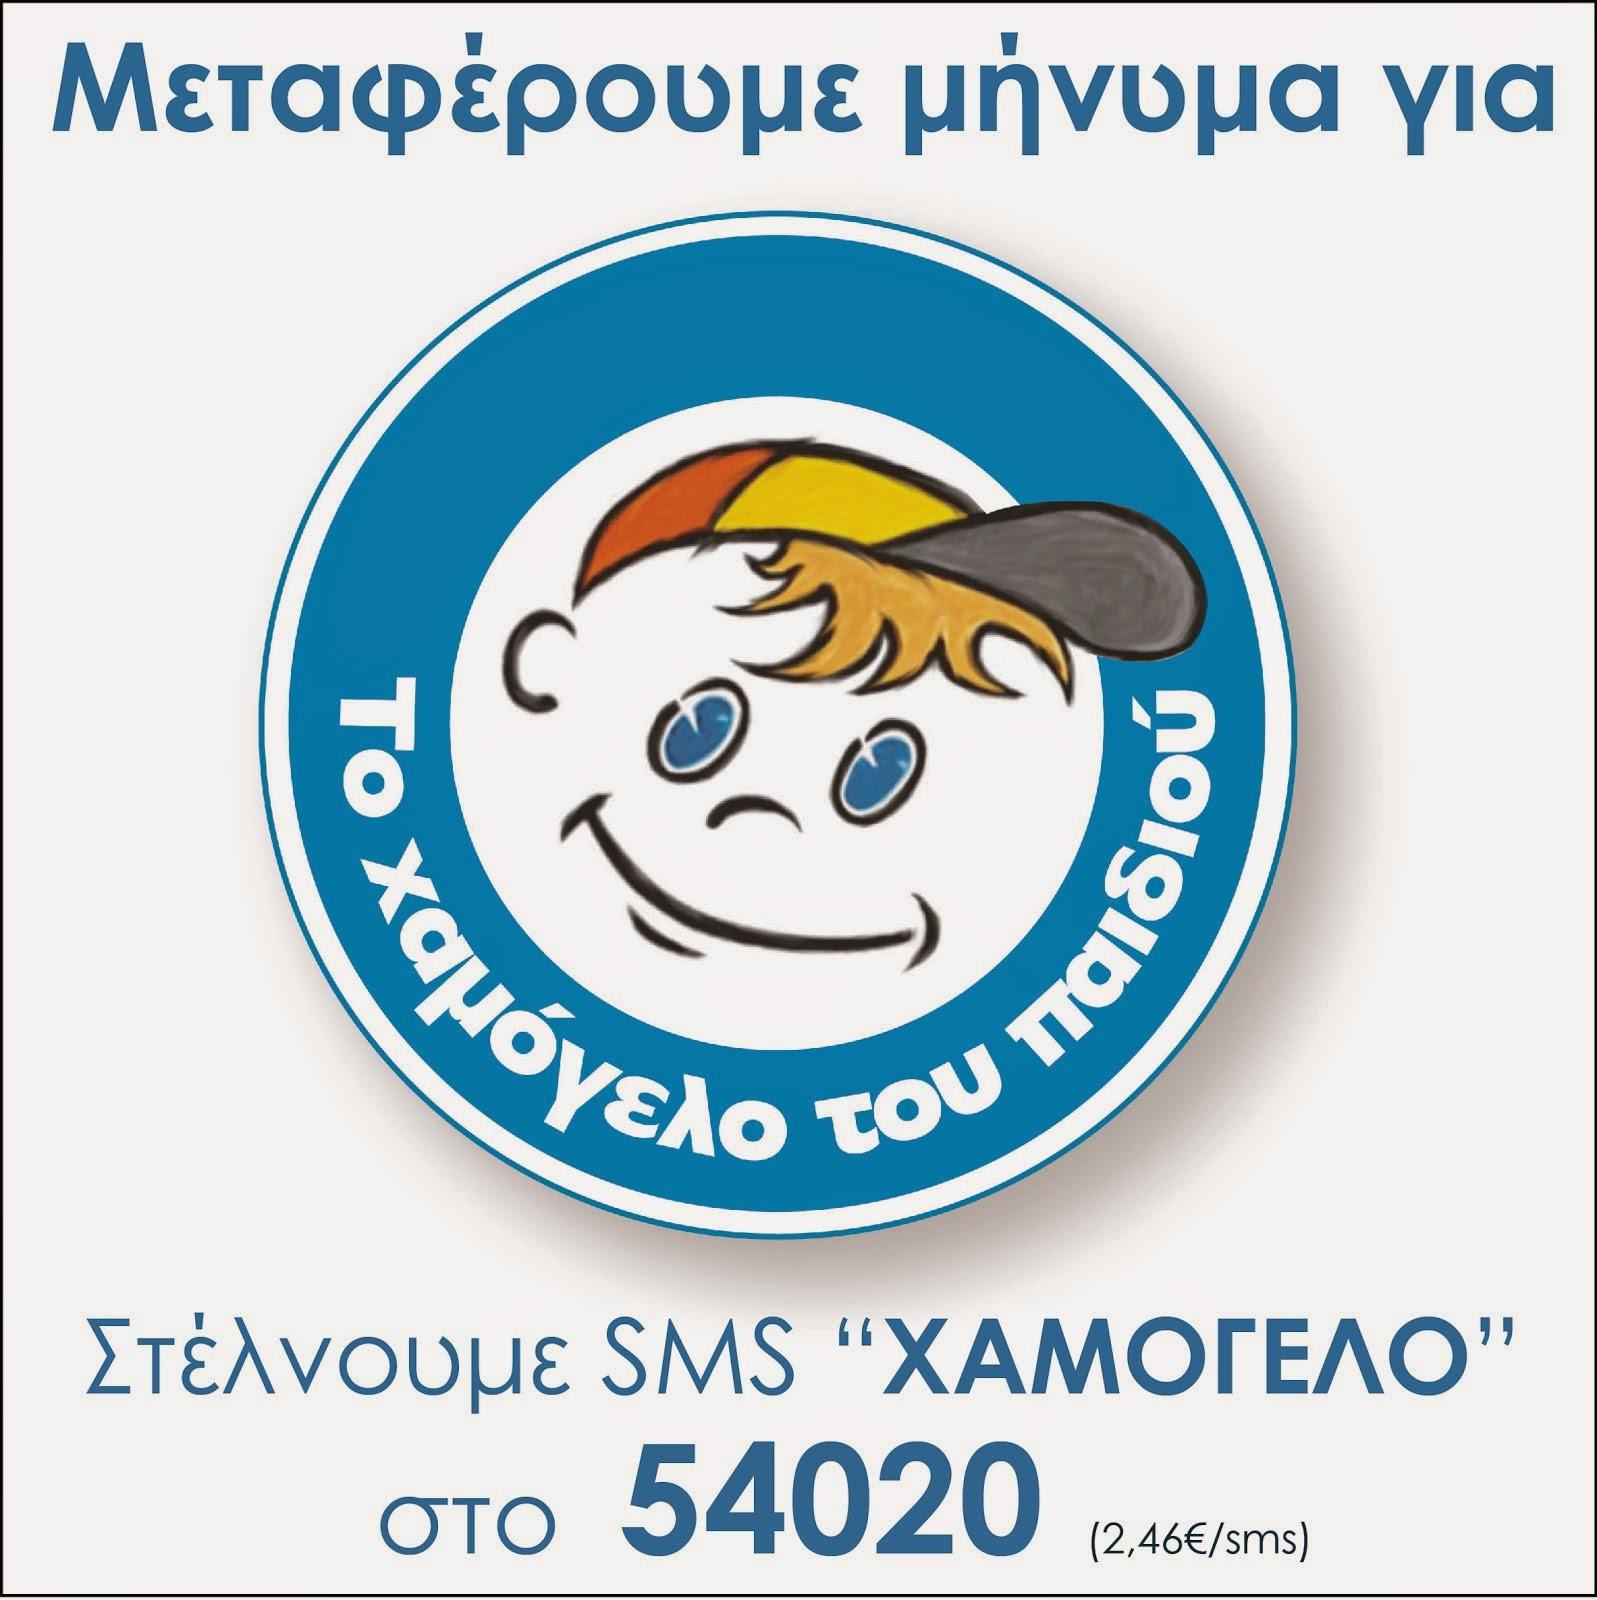 ΣΤΗΡΙΖΟΥΜΕ